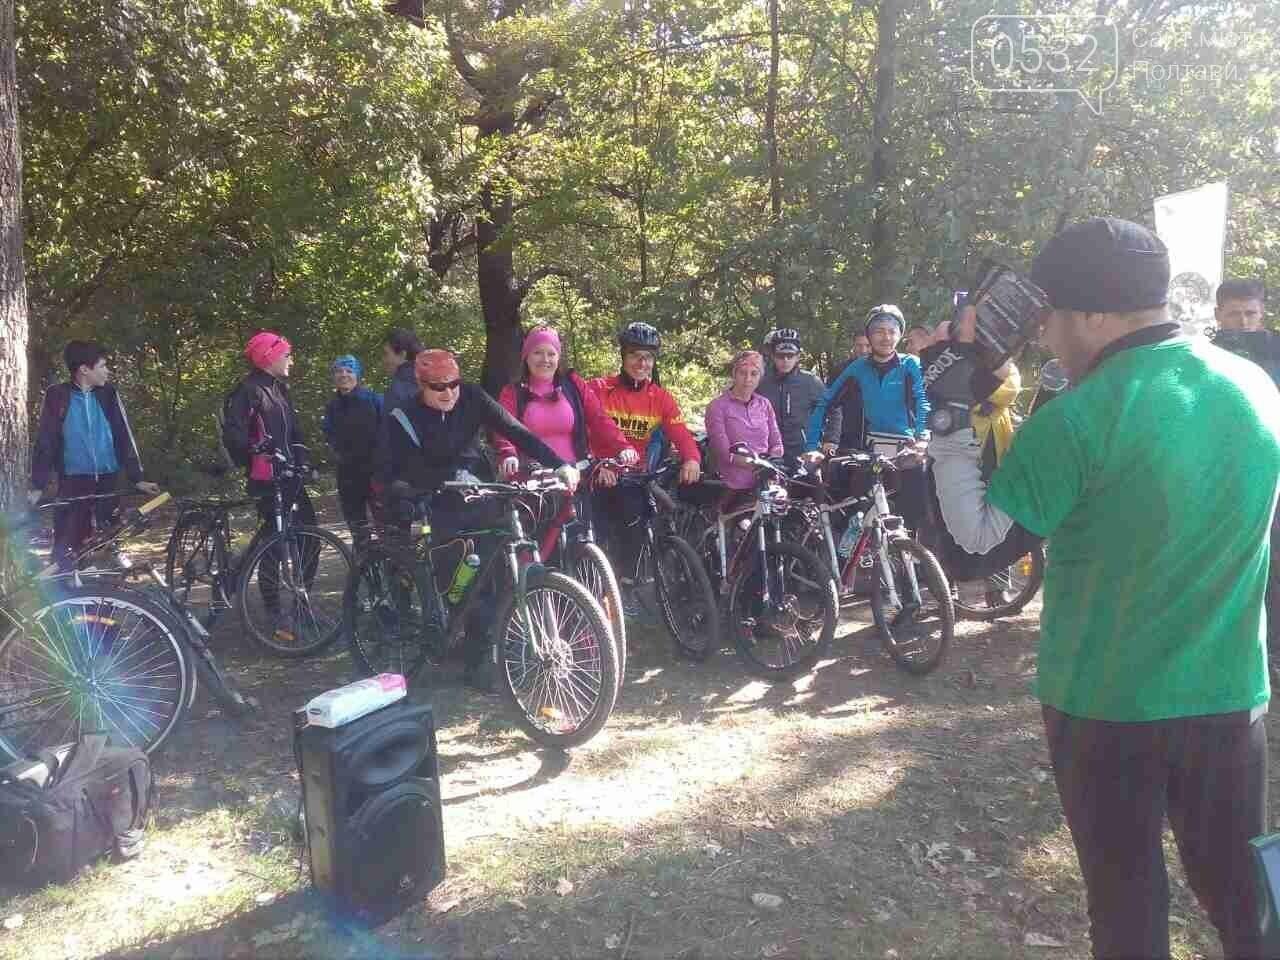 Драйвова субота: у Дендропарку полтавці на велосипедах розгадують квест з кашею та глінтвейном, фото-2